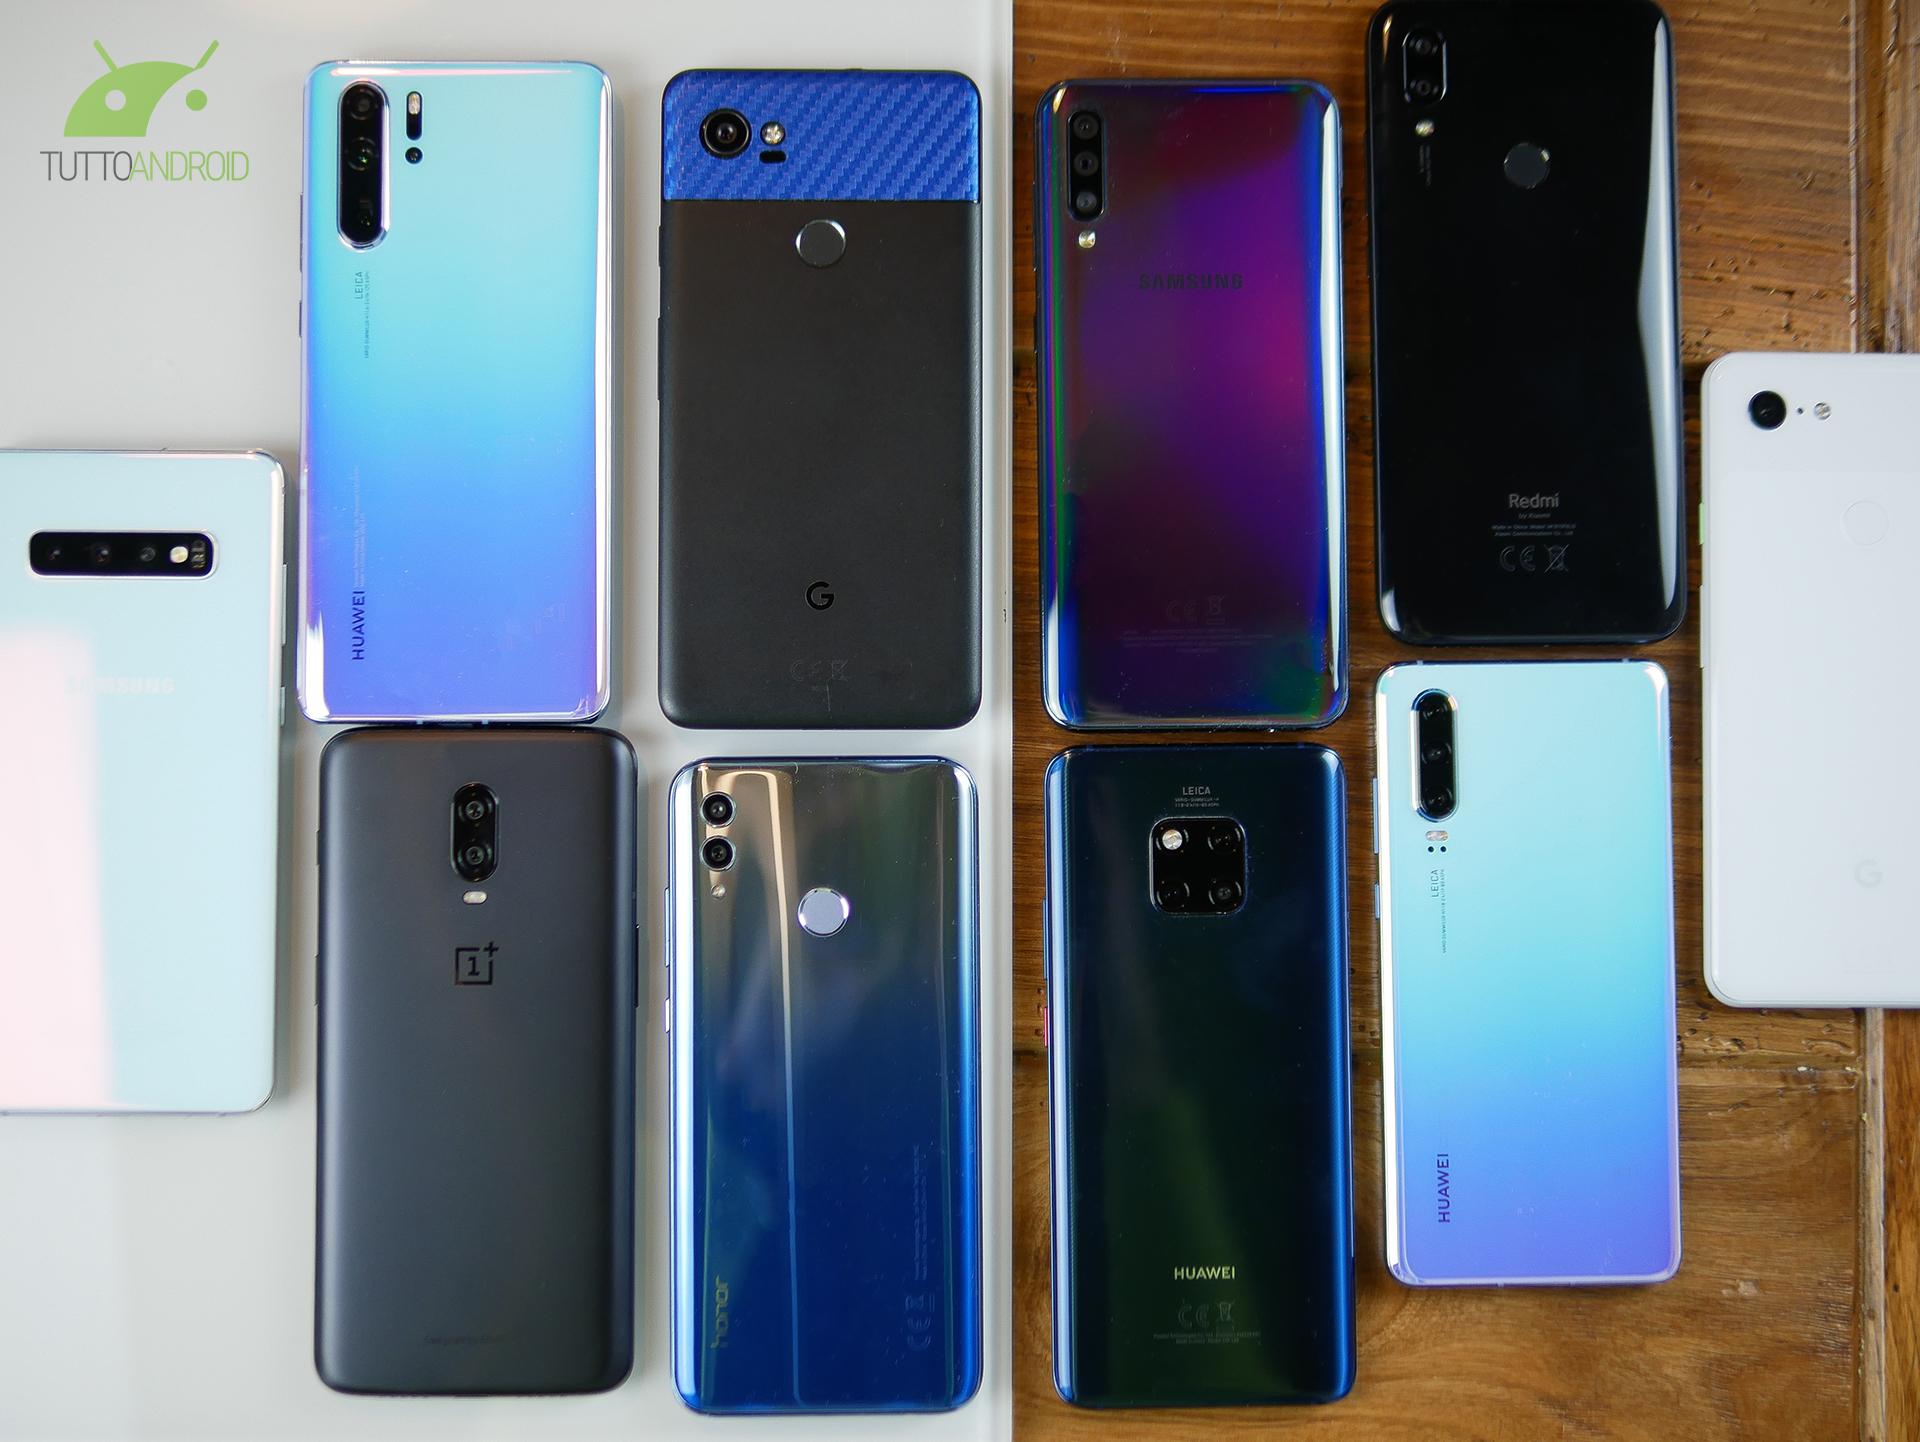 Quanti smartphone con Android stock in offerta oggi, fra cui